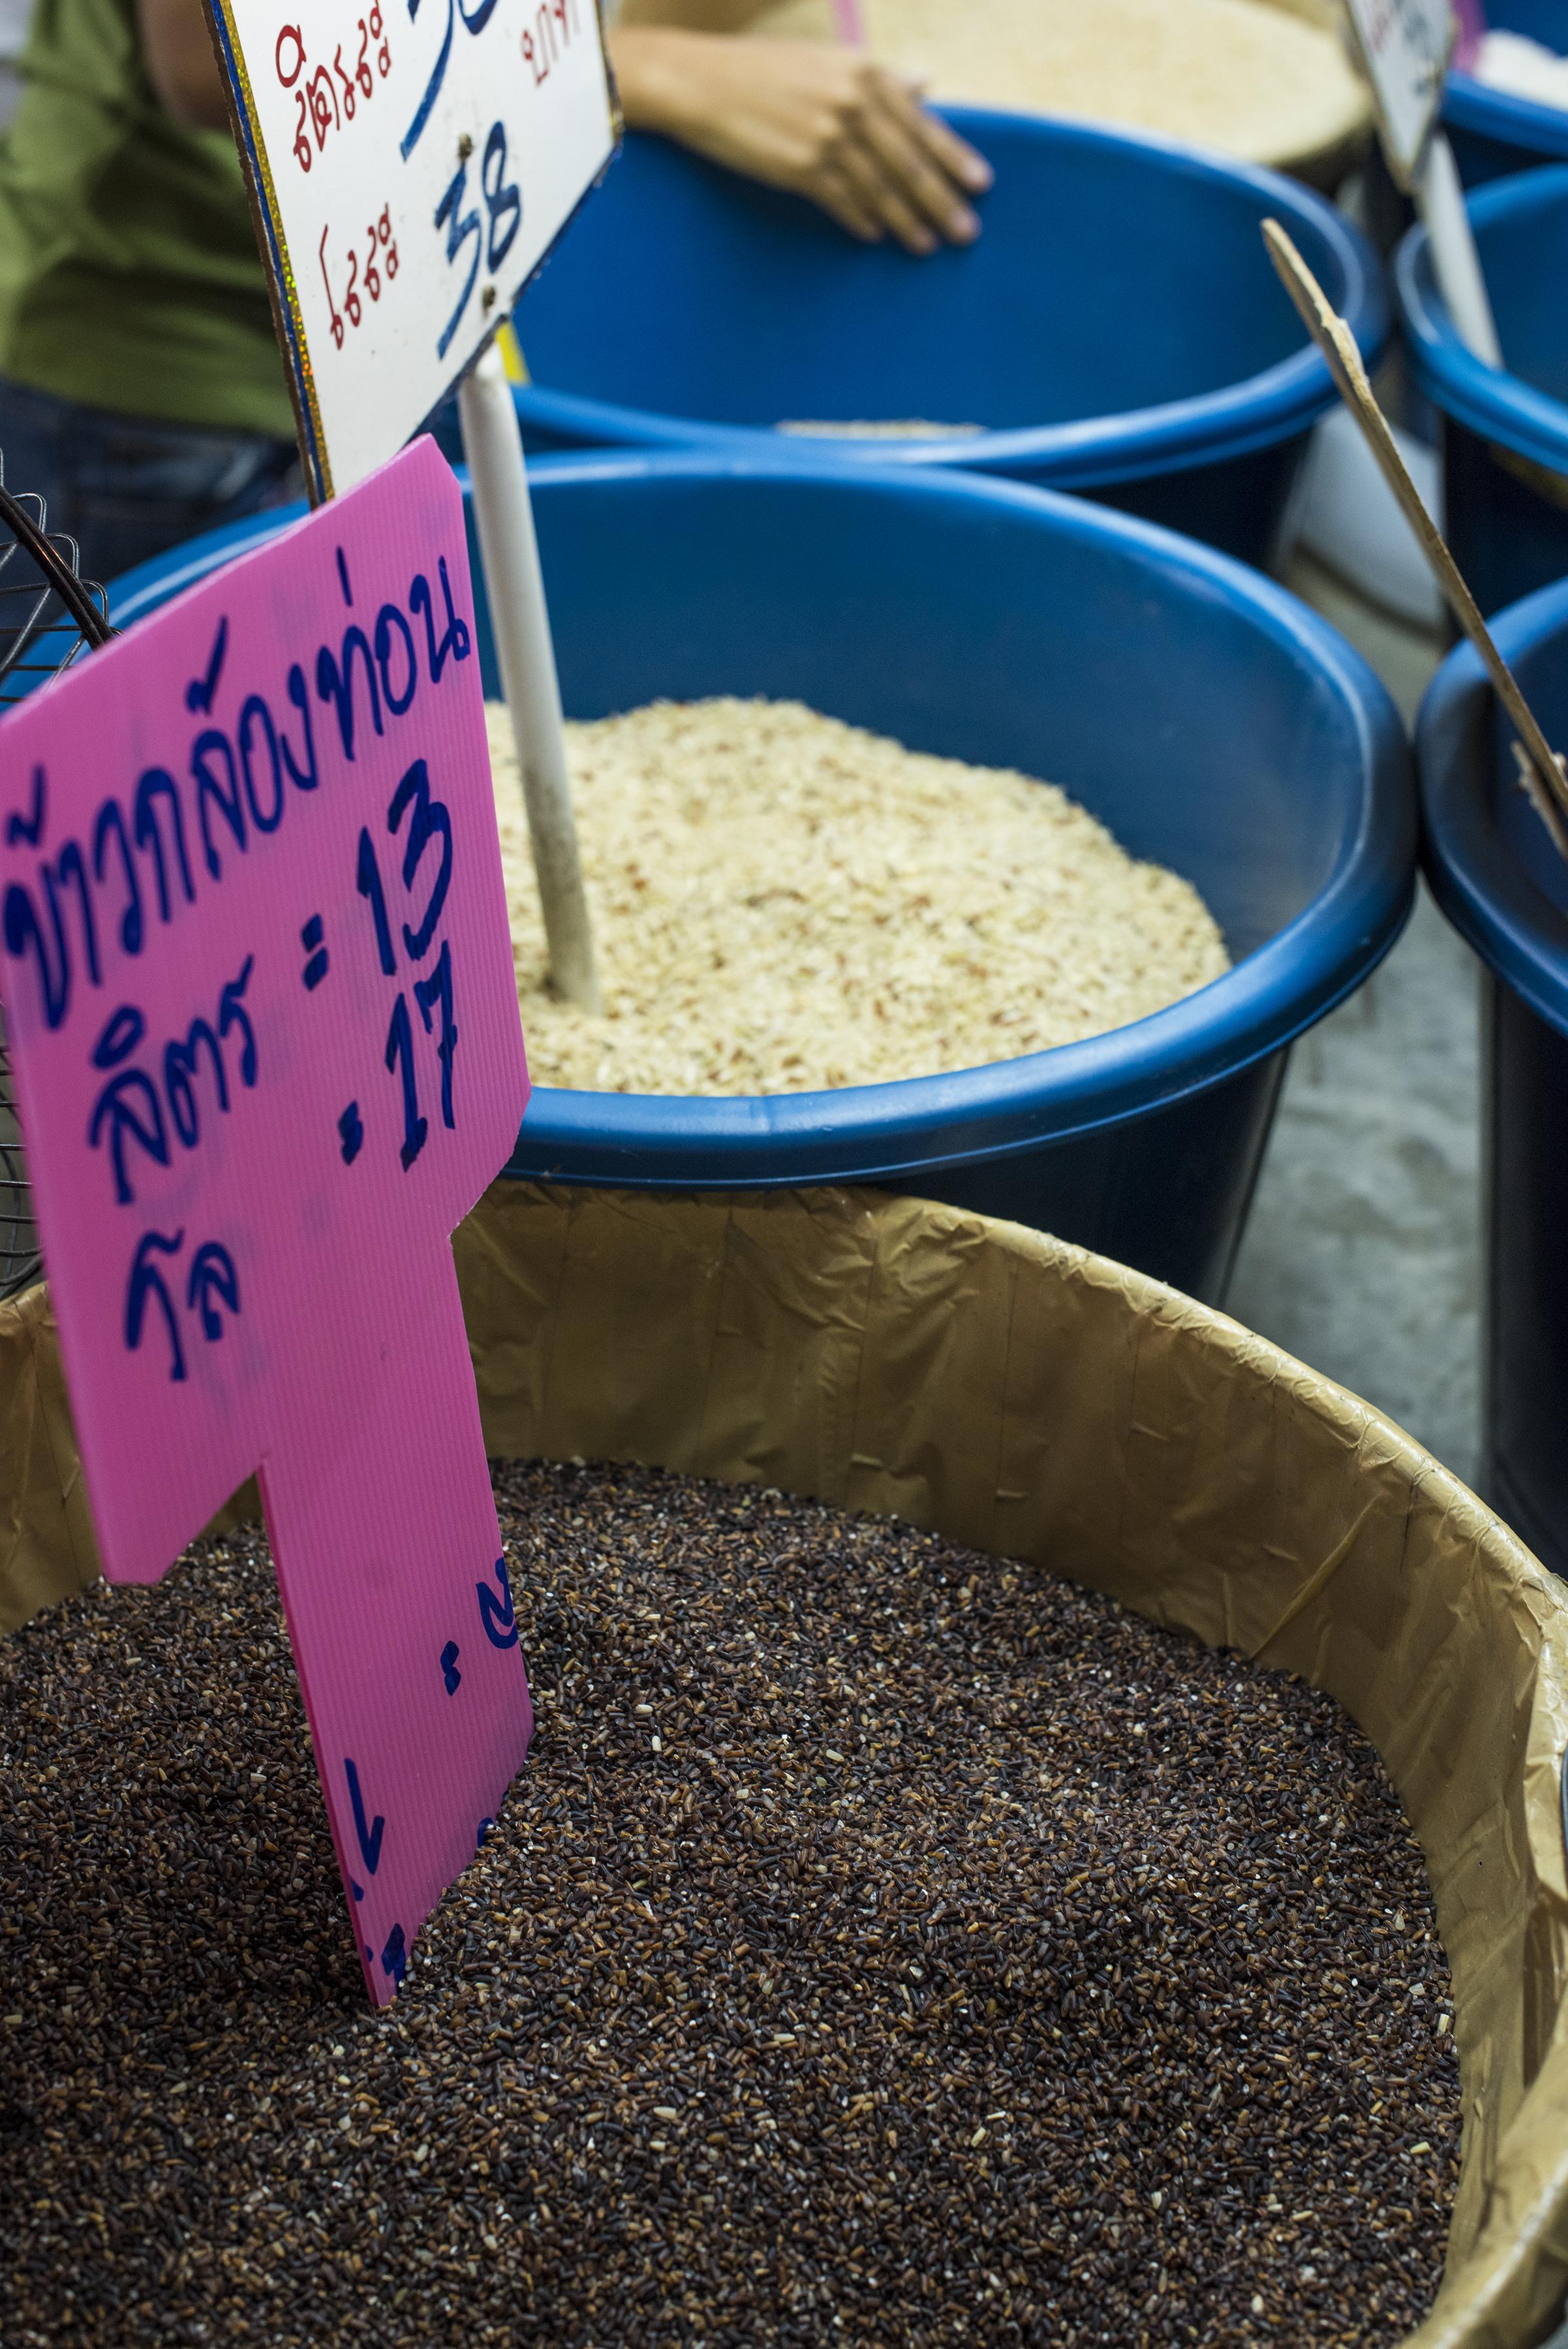 Thai rice market